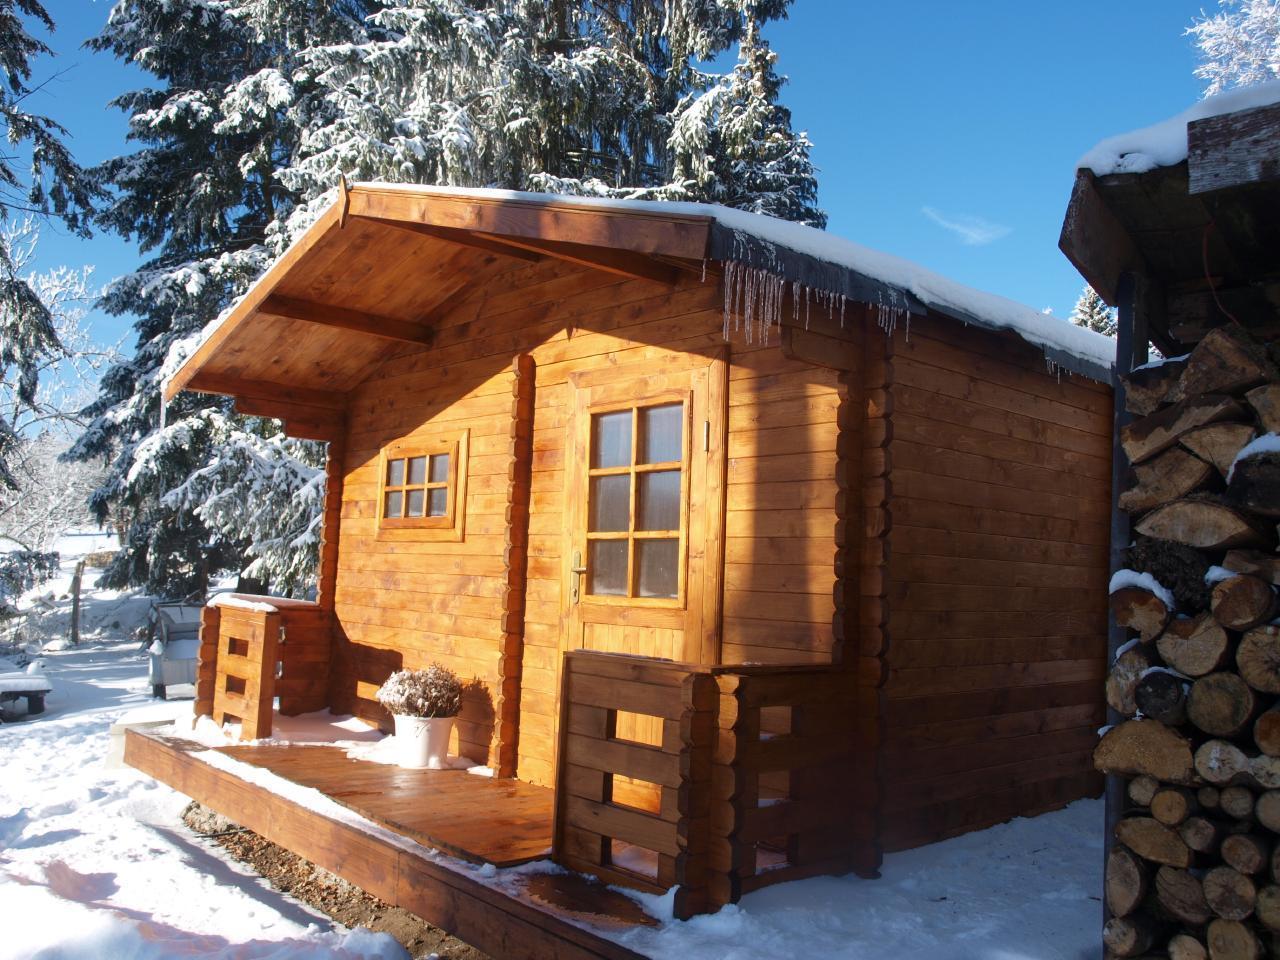 Ferienhaus Maison  Stöckle 85 qm im Naturpark der Vogesen,  mit Saunahaus (1077120), La Rosière, Haute-Saône, Franche-Comté, Frankreich, Bild 31